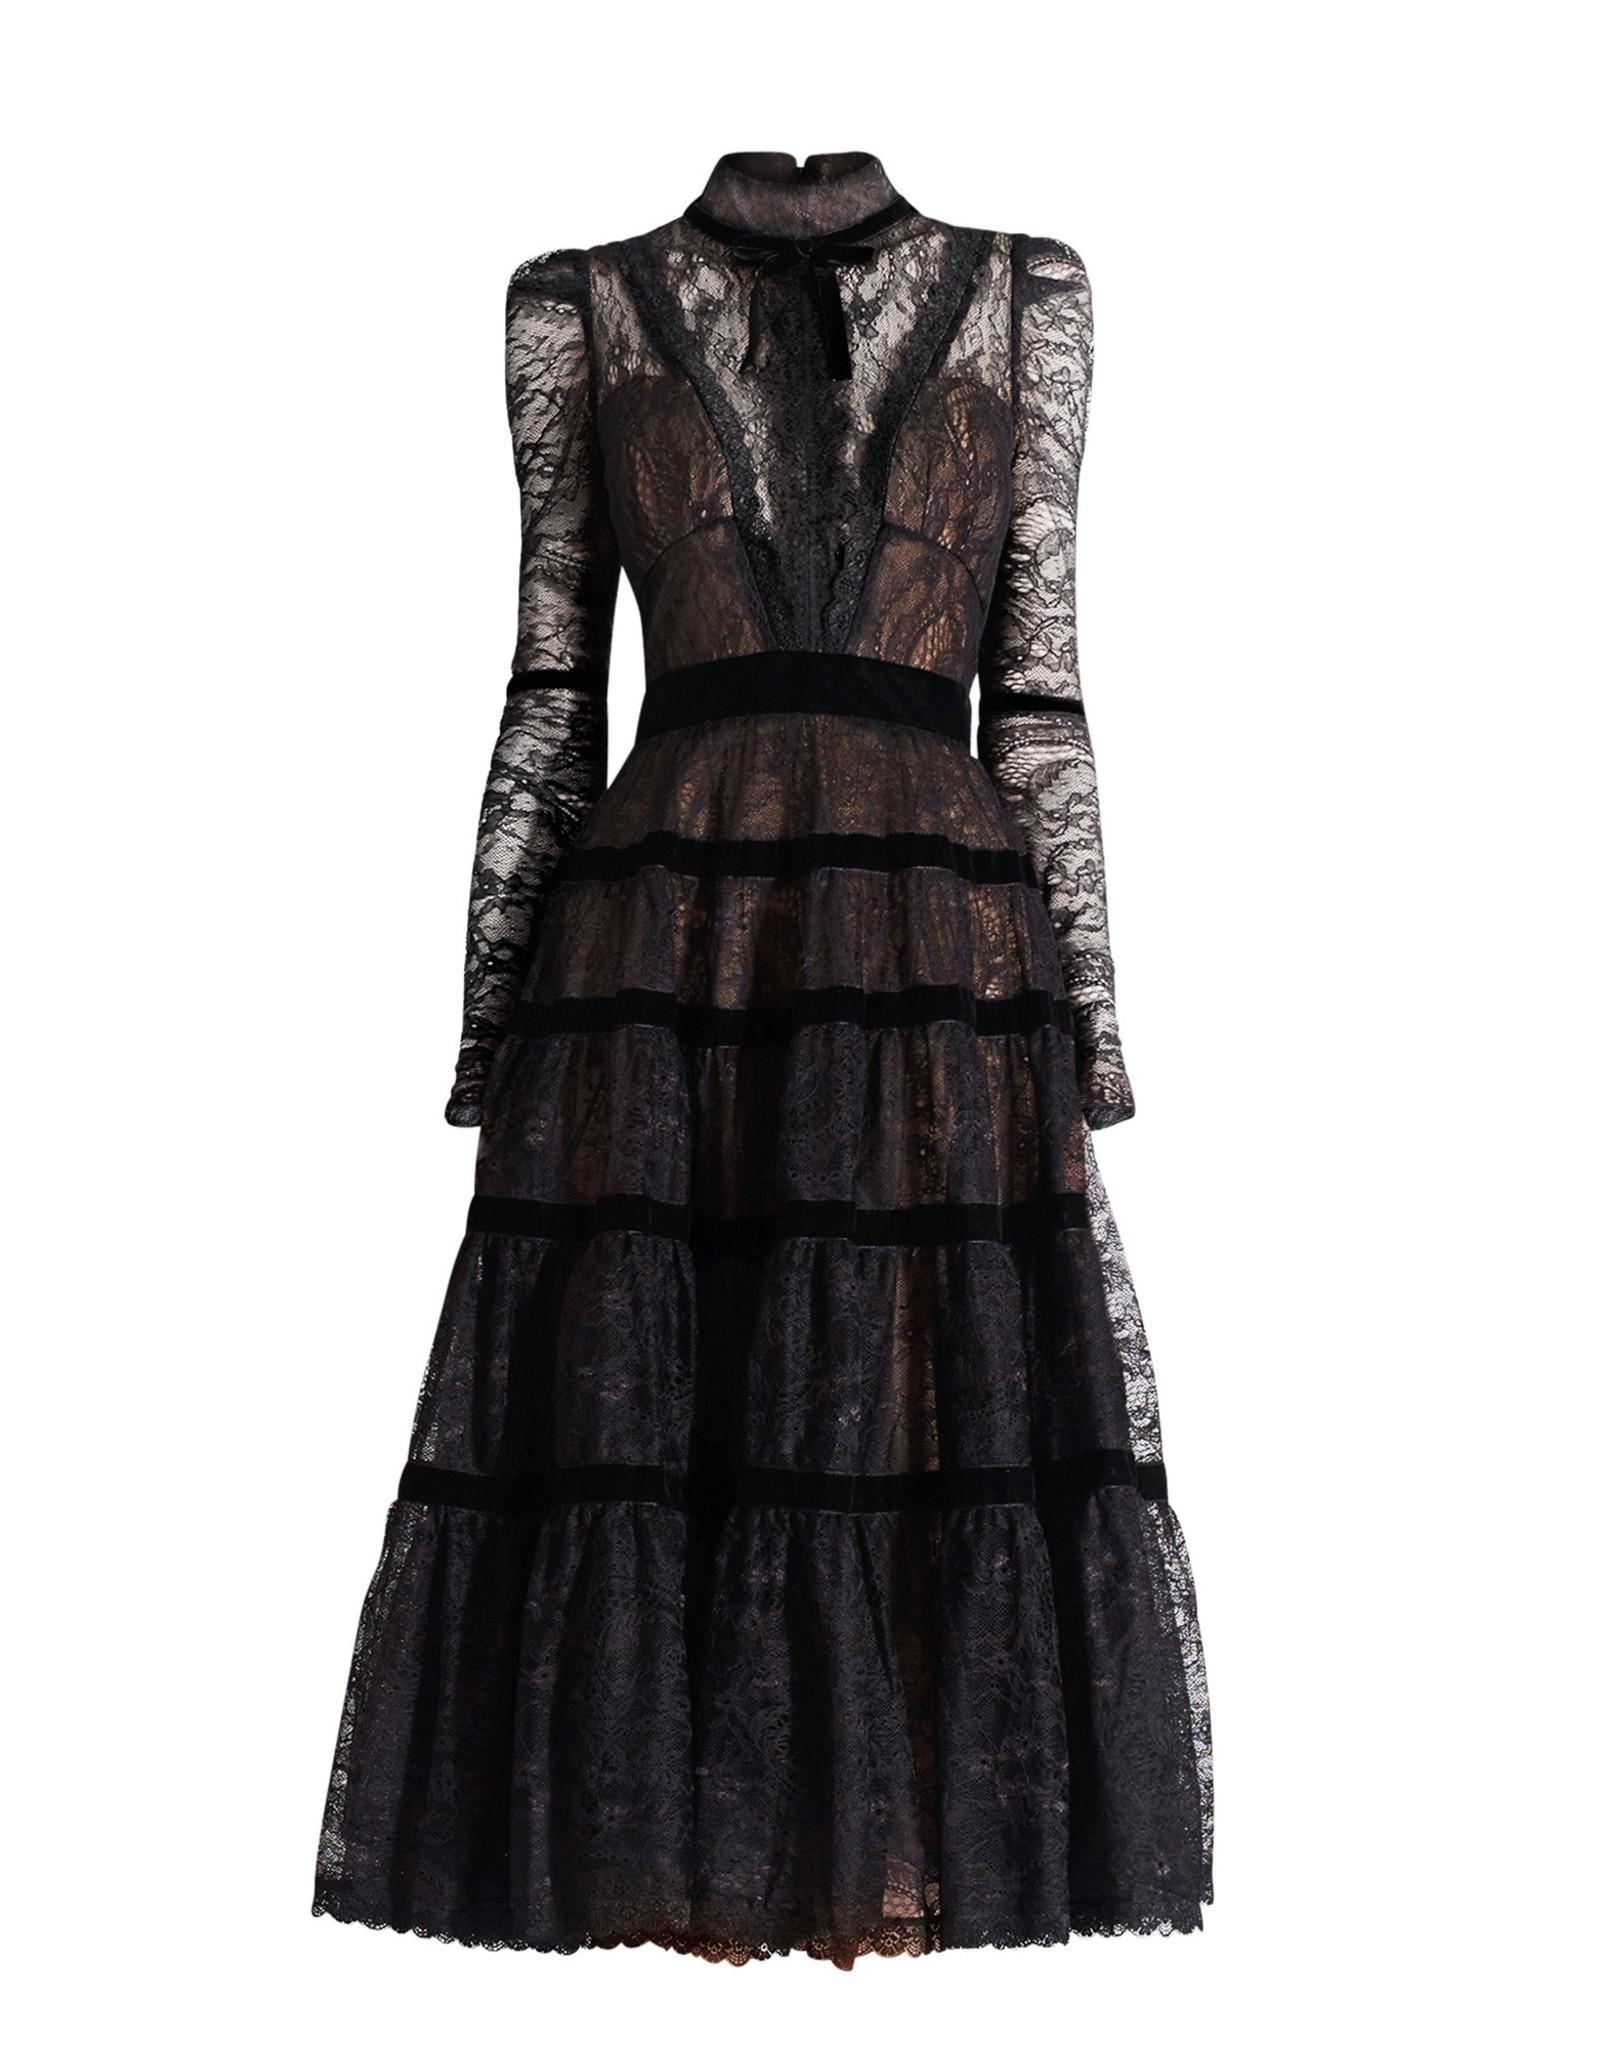 Janique K6631 Janique Dresses